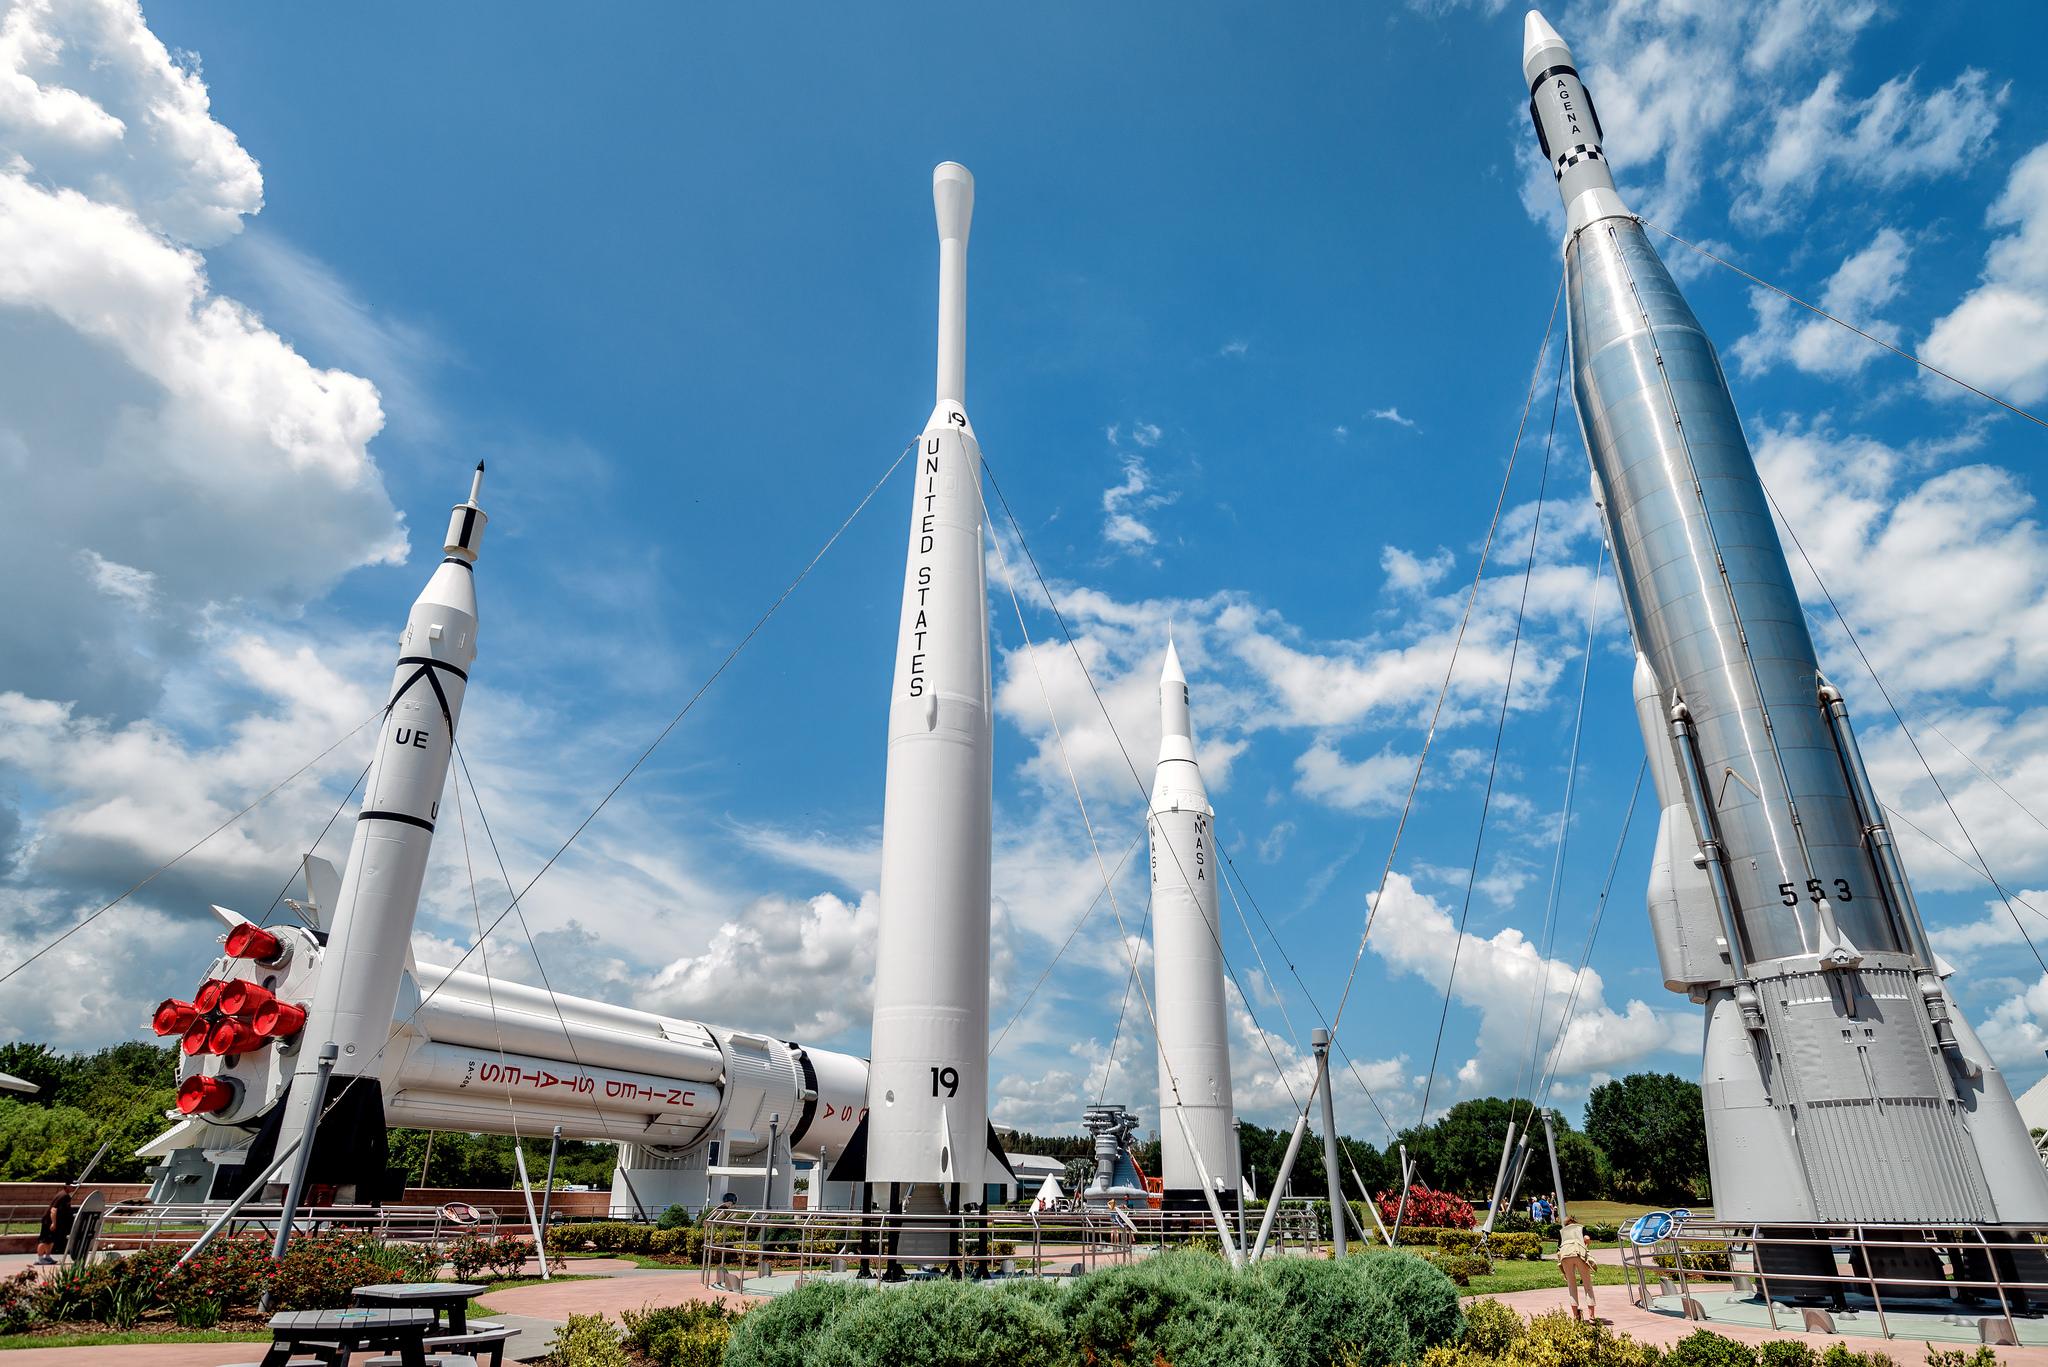 Космический центр Кеннеди, Парк ракет